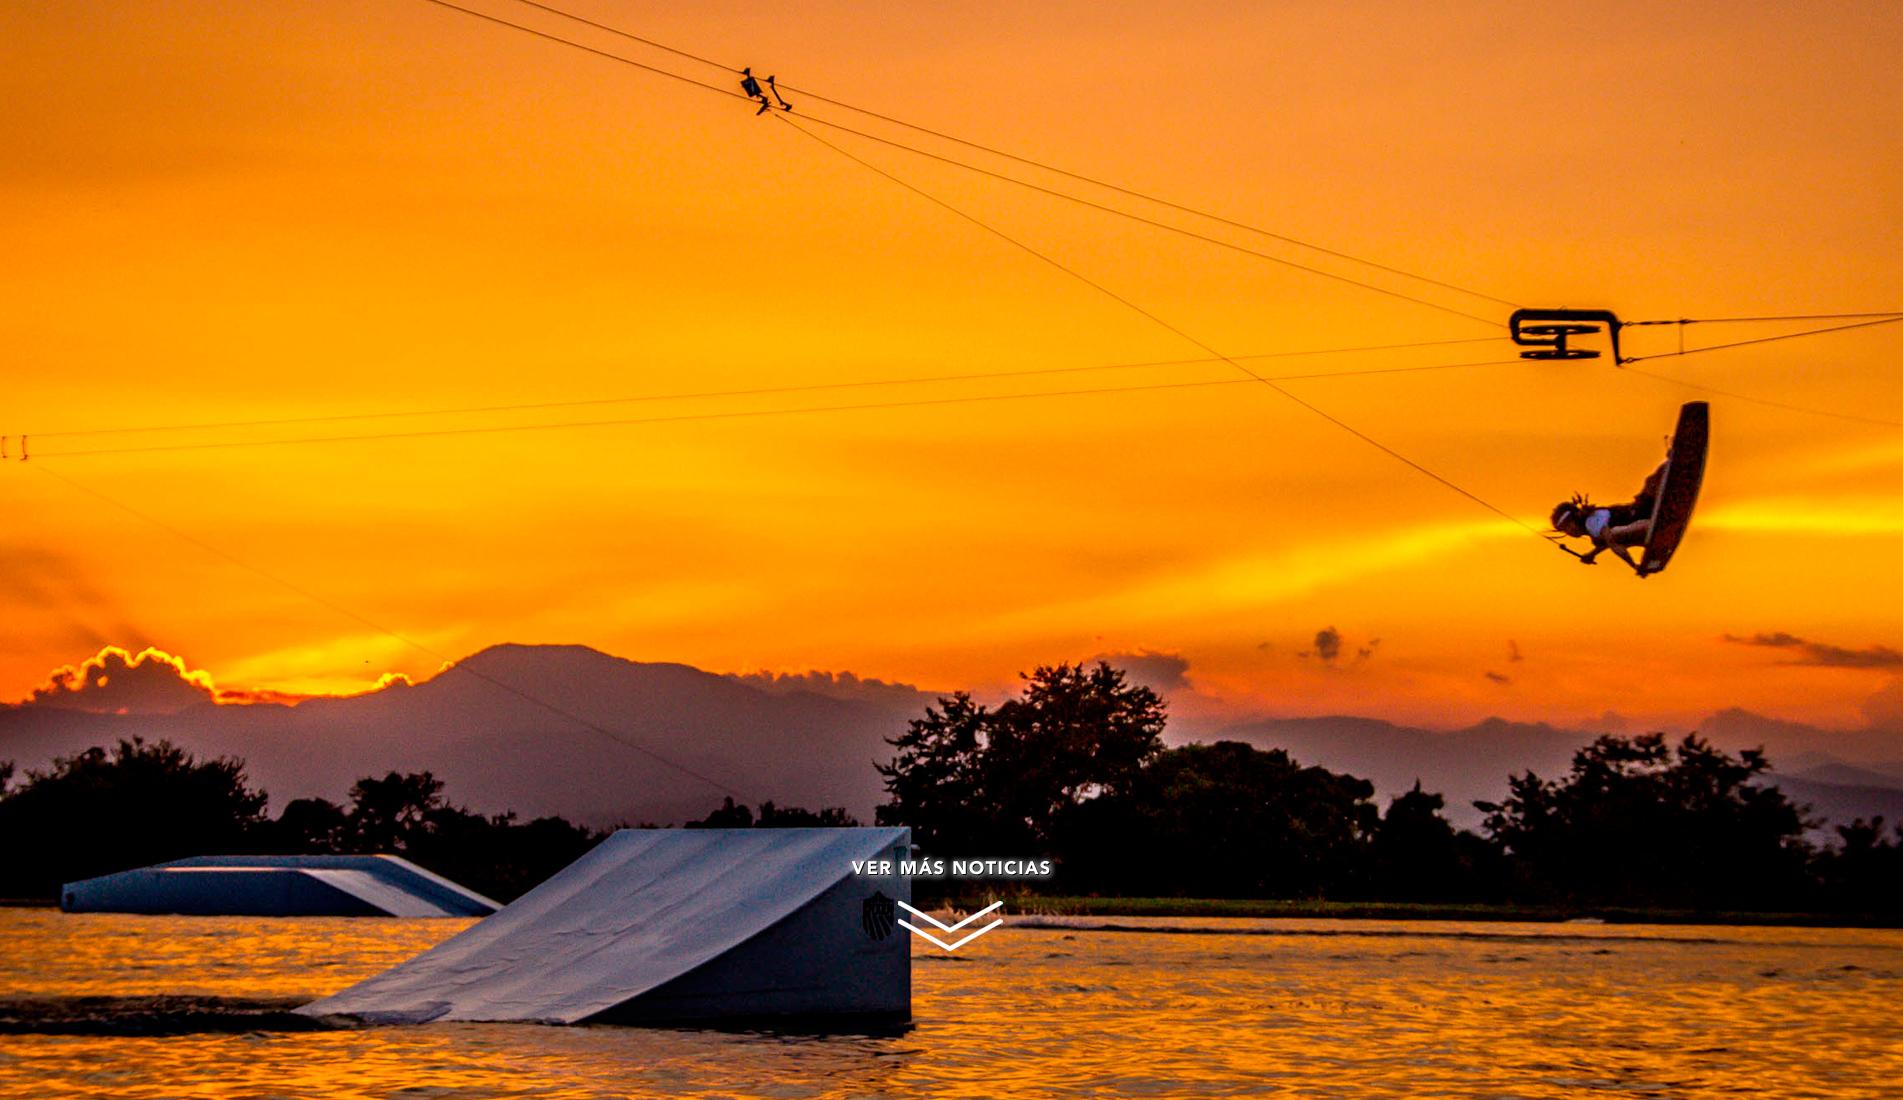 IWWF cable wakeboard campeonato del mundo 2016 en México